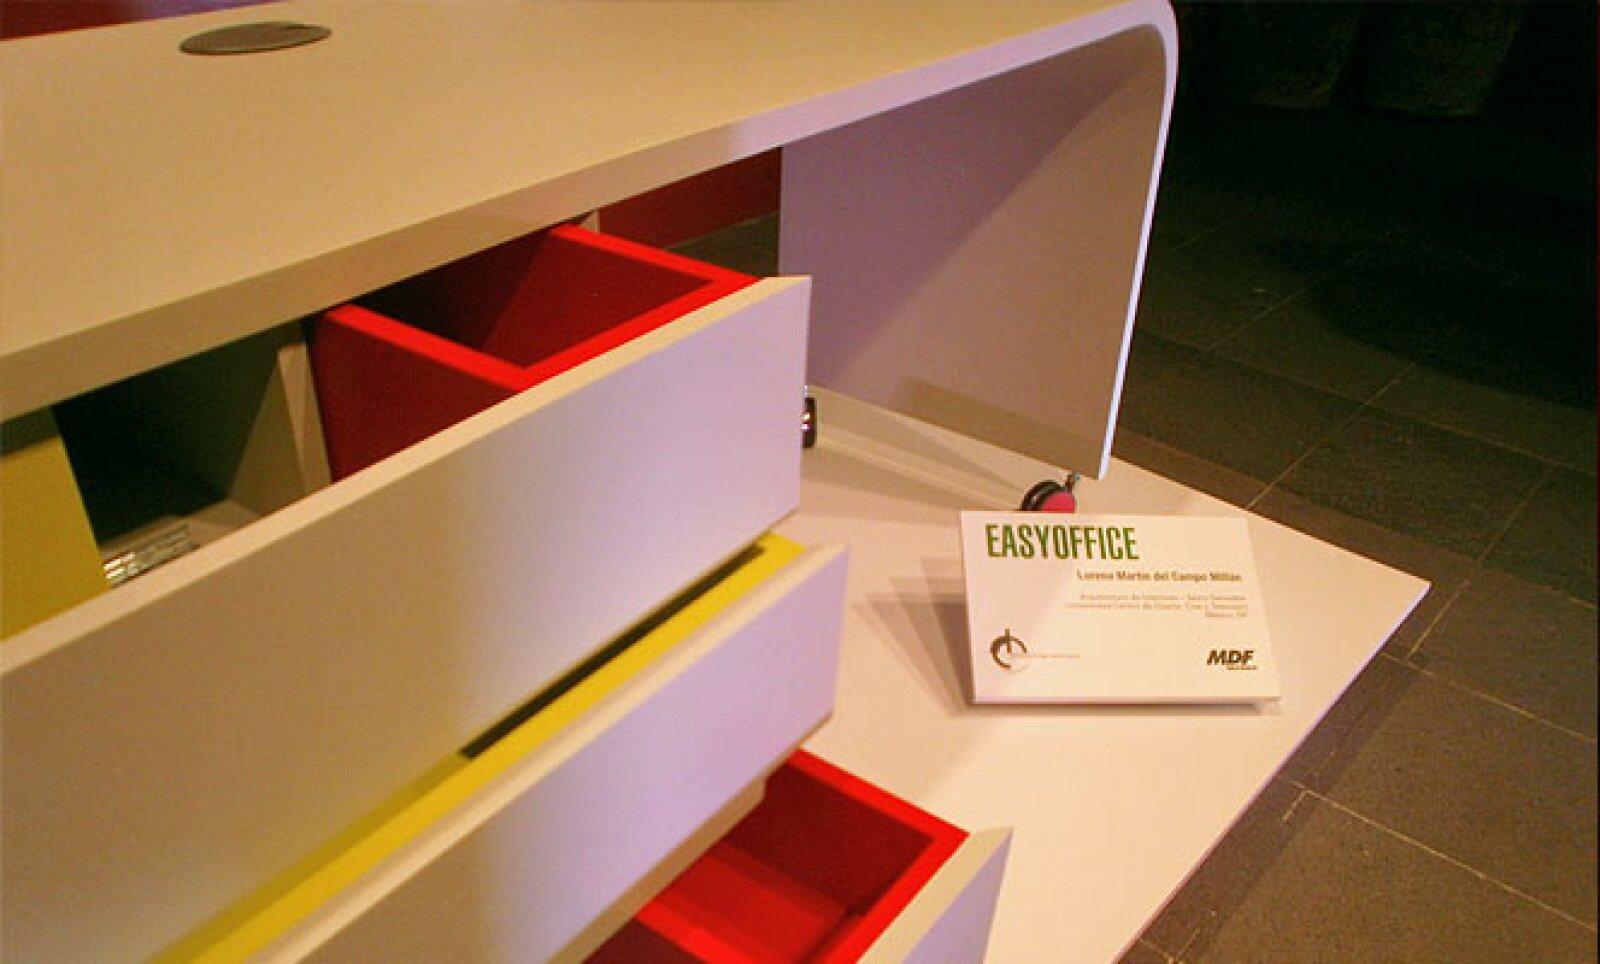 4.Easy office es una estación modular para oficina, hecha con MDF, que es funcional debido a su contenedor, el cual tiene cajones en la parte frontal y en la parte lateral, intercalando sus capacidades y tamaños. Diseño: Lorena Martín del Campo Millán.